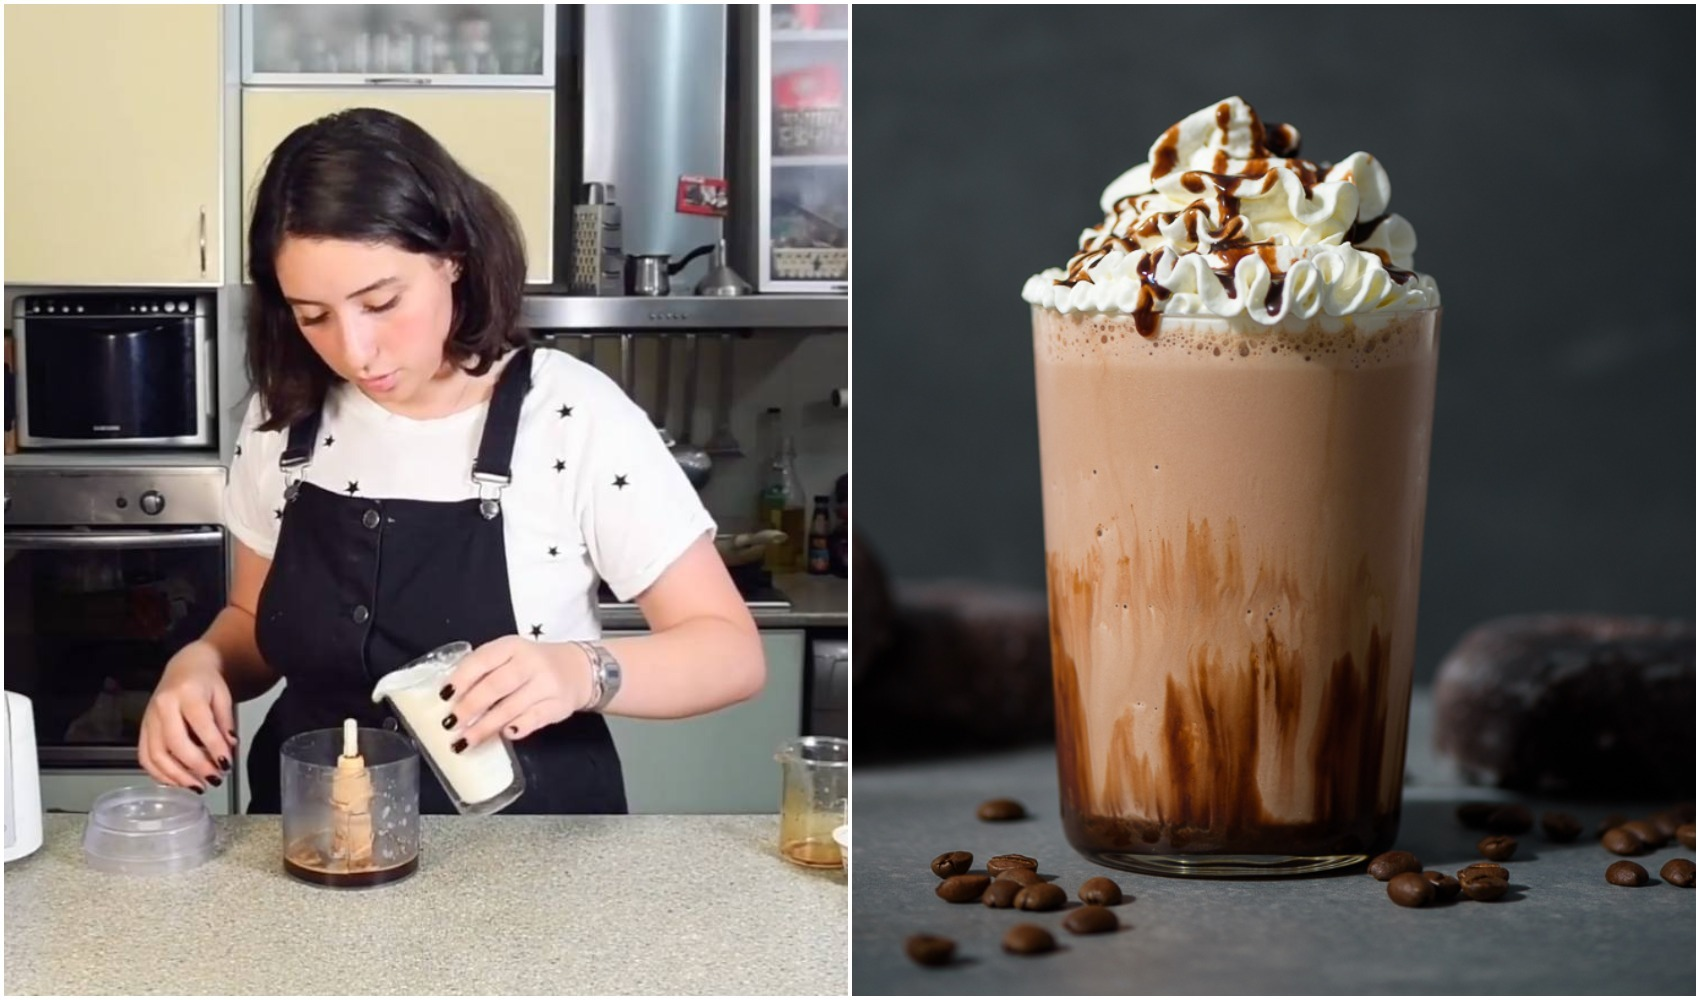 მოიმზადეთ სეზონის ყველაზე მოთხოვნადი ცივი ყავა ნაყინით ნუცას რეცეპტით და მოიწყვეთ განტვირთვა